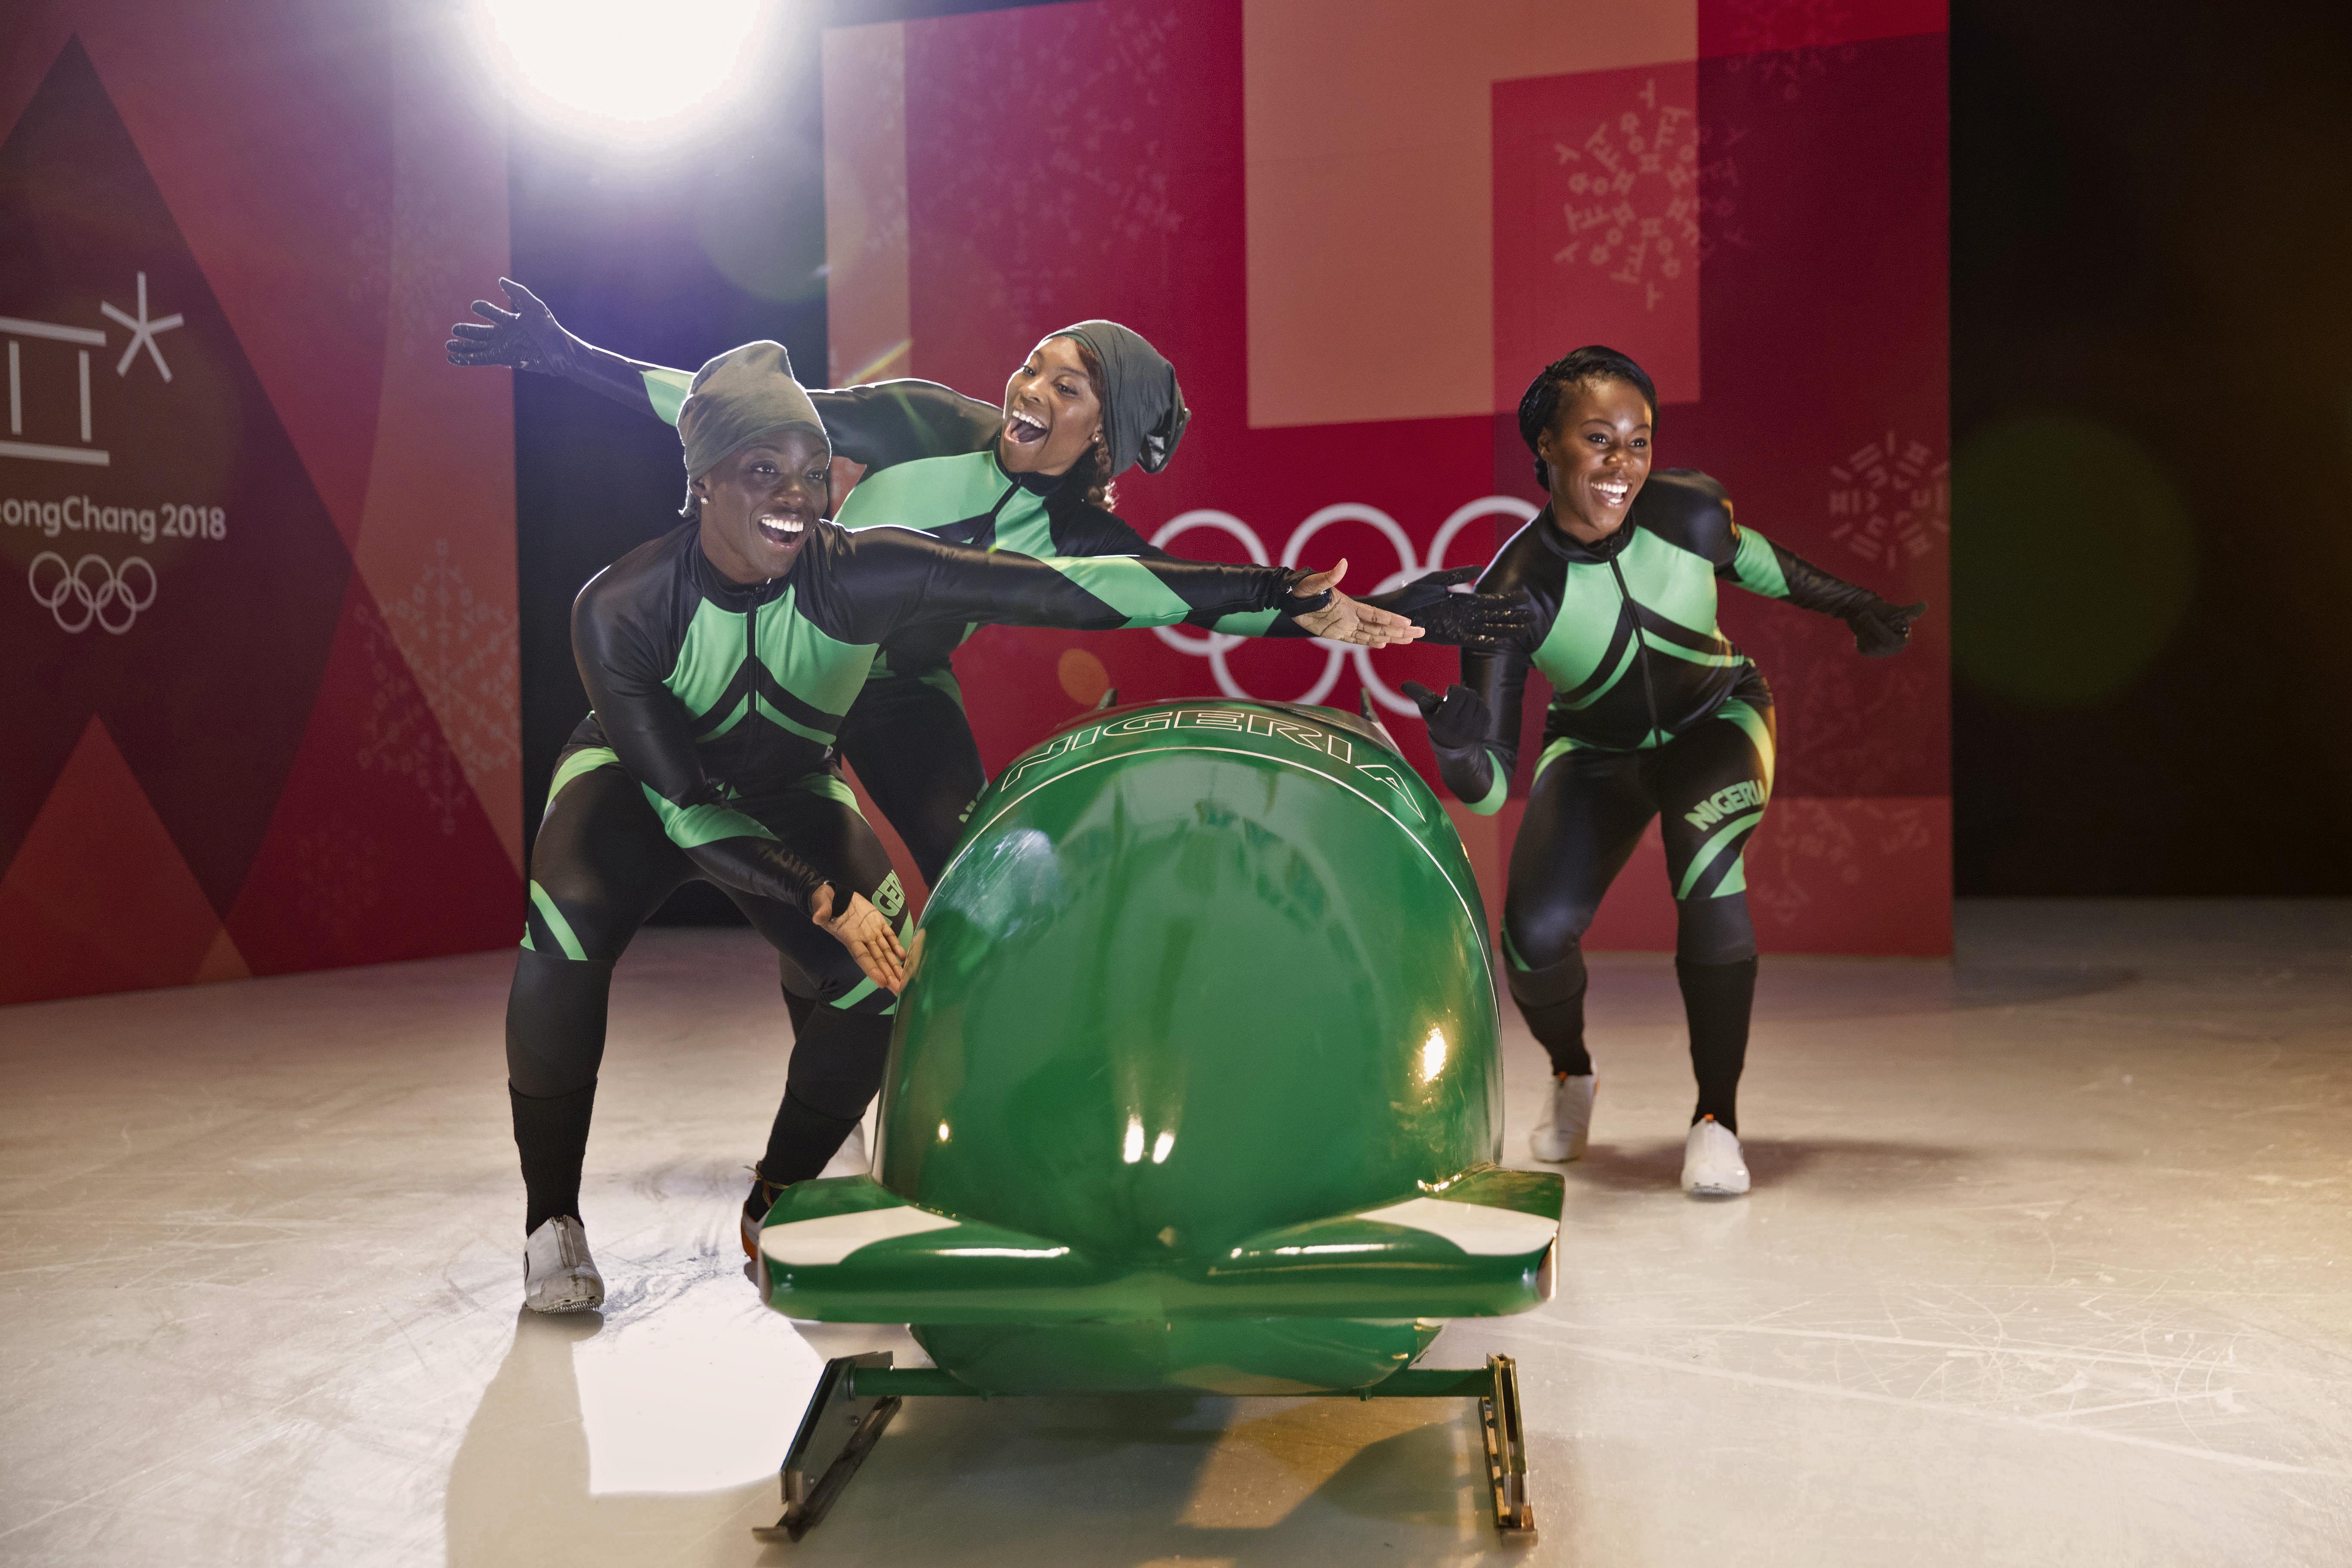 0418d9ebac Visa dá as boas-vindas à equipe feminina de bobsled da Nigéria na equipe  Visa para os Jogos Olímpicos de Inverno de PyeongChang 2018